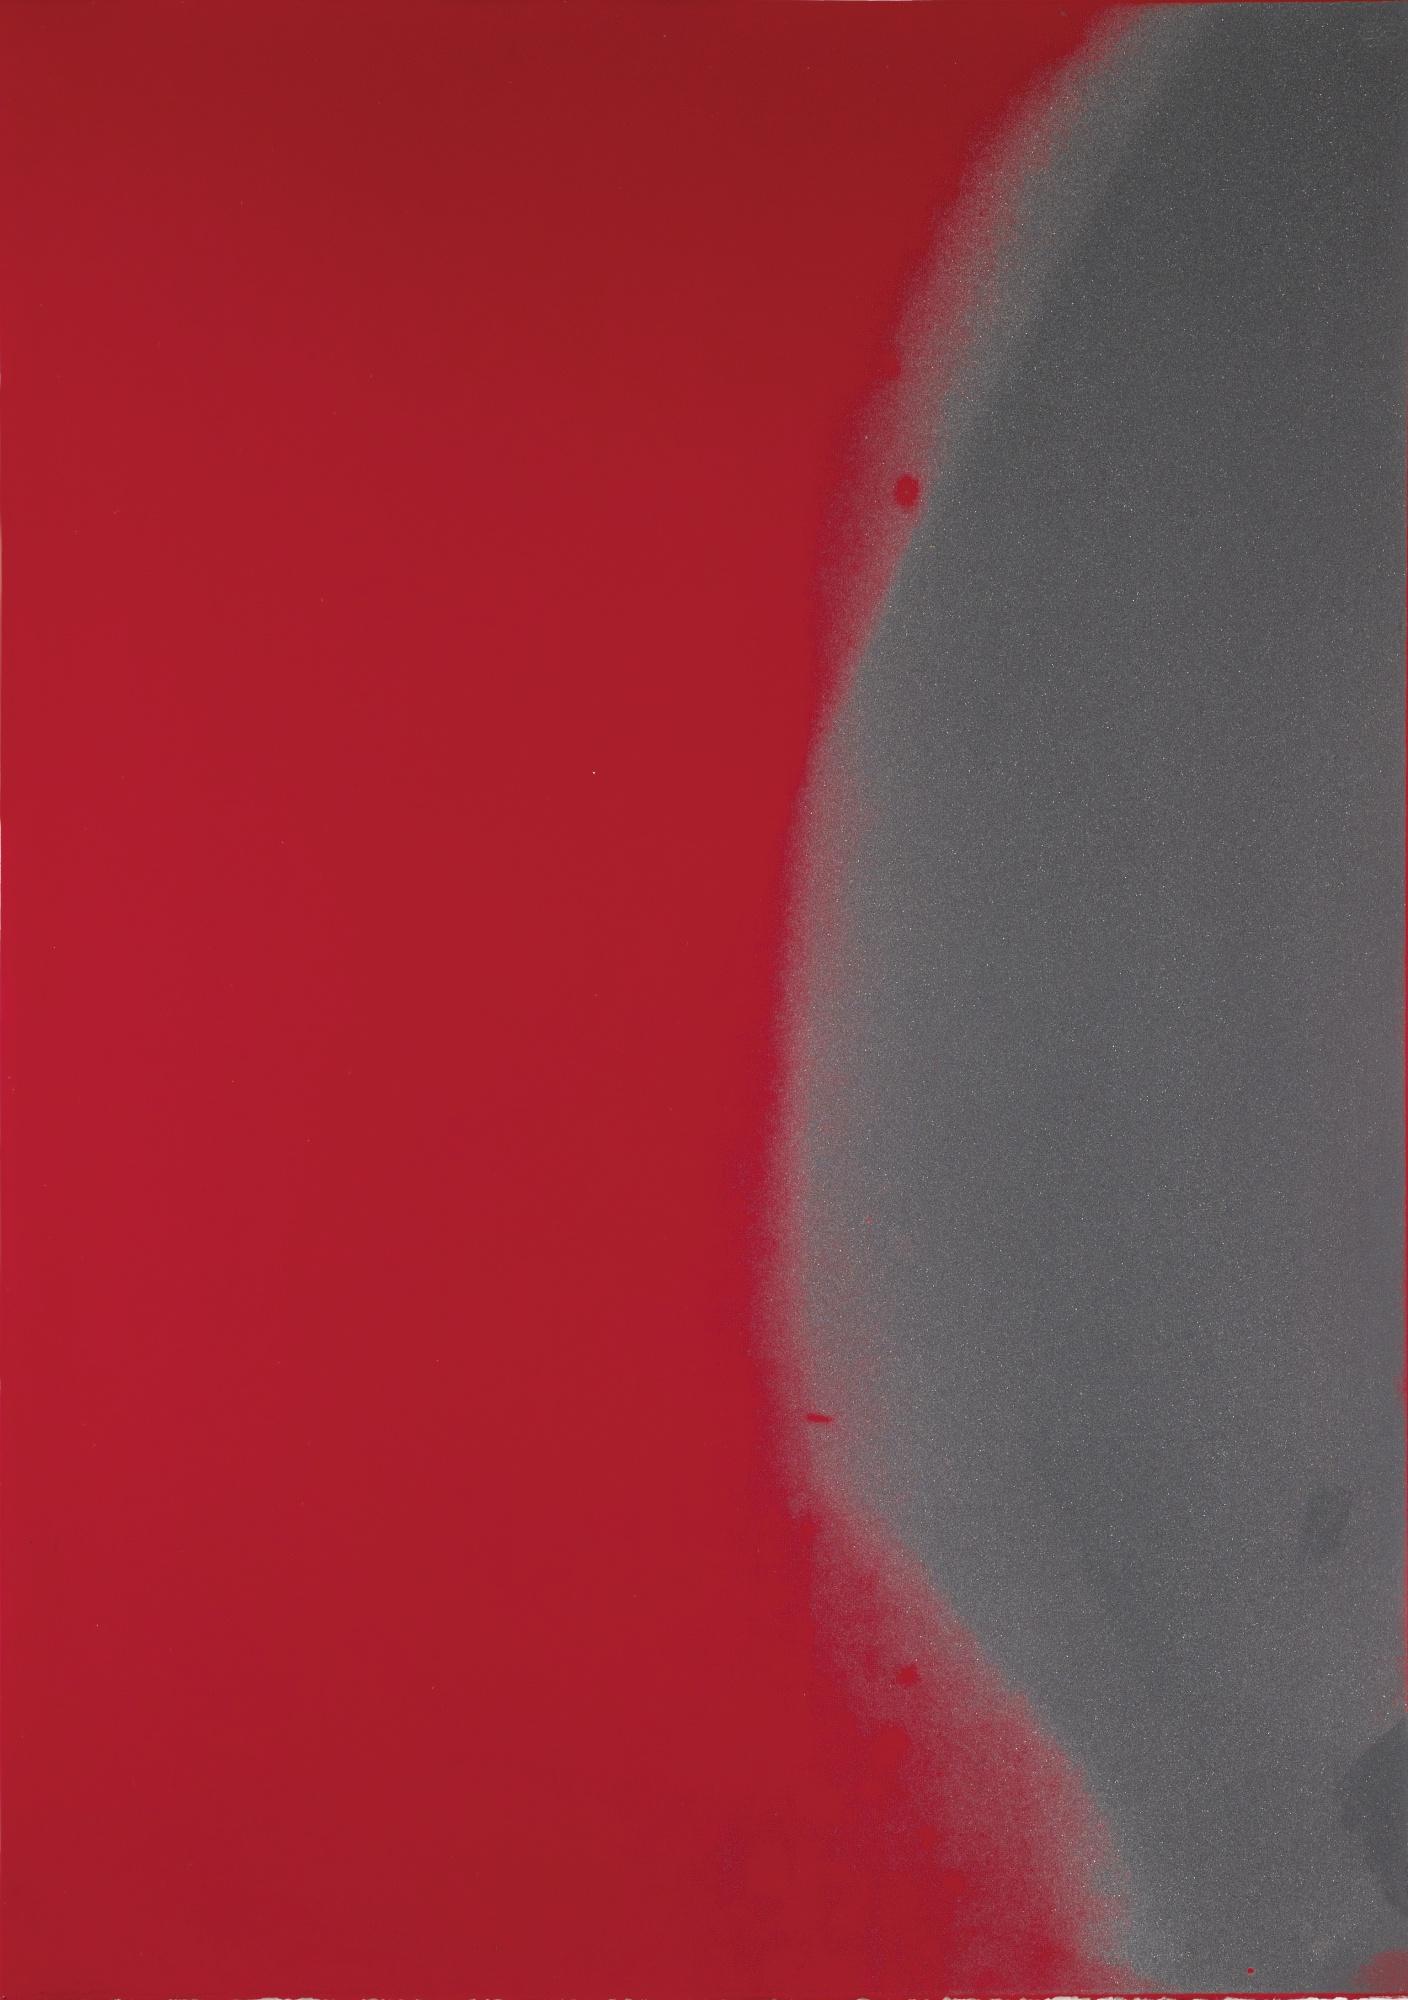 Andy Warhol-Shadows II (F. & S. II.210-215)-1979